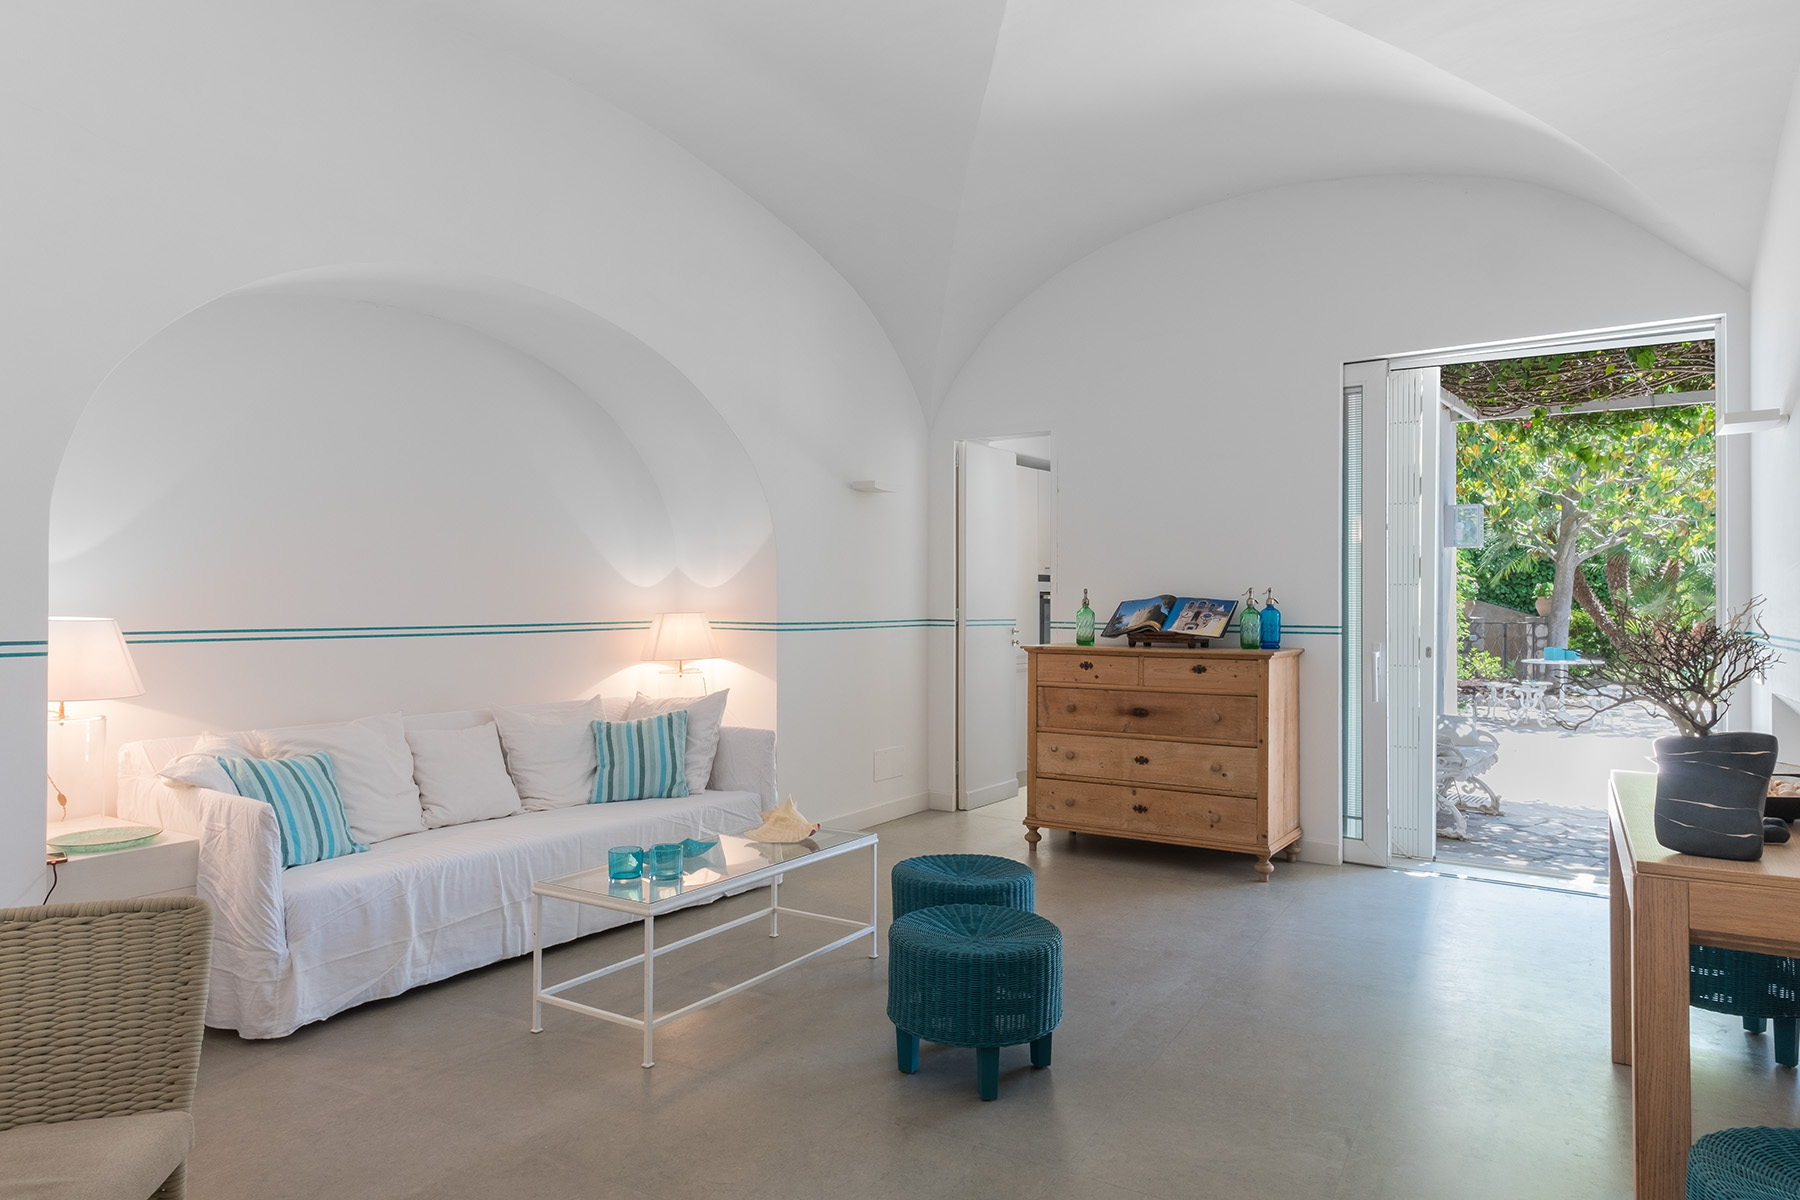 Appartamento in Vendita a Capri: 4 locali, 100 mq - Foto 9